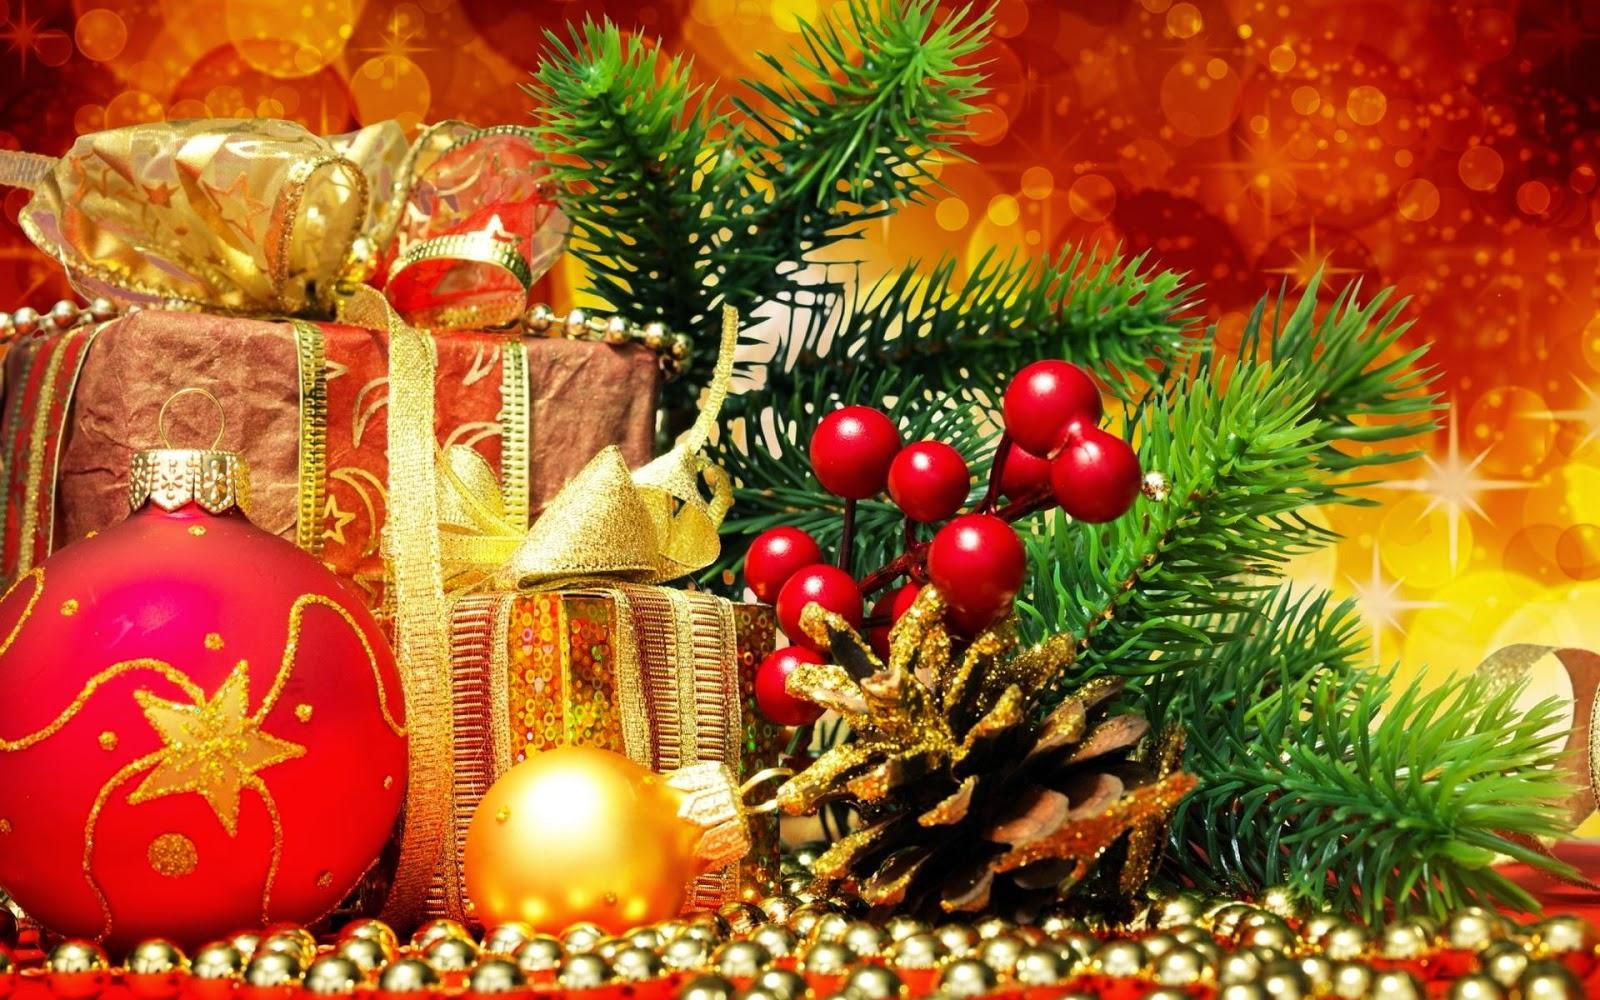 http://tsipas.jalbum.net/Christmas%20is%20Here/